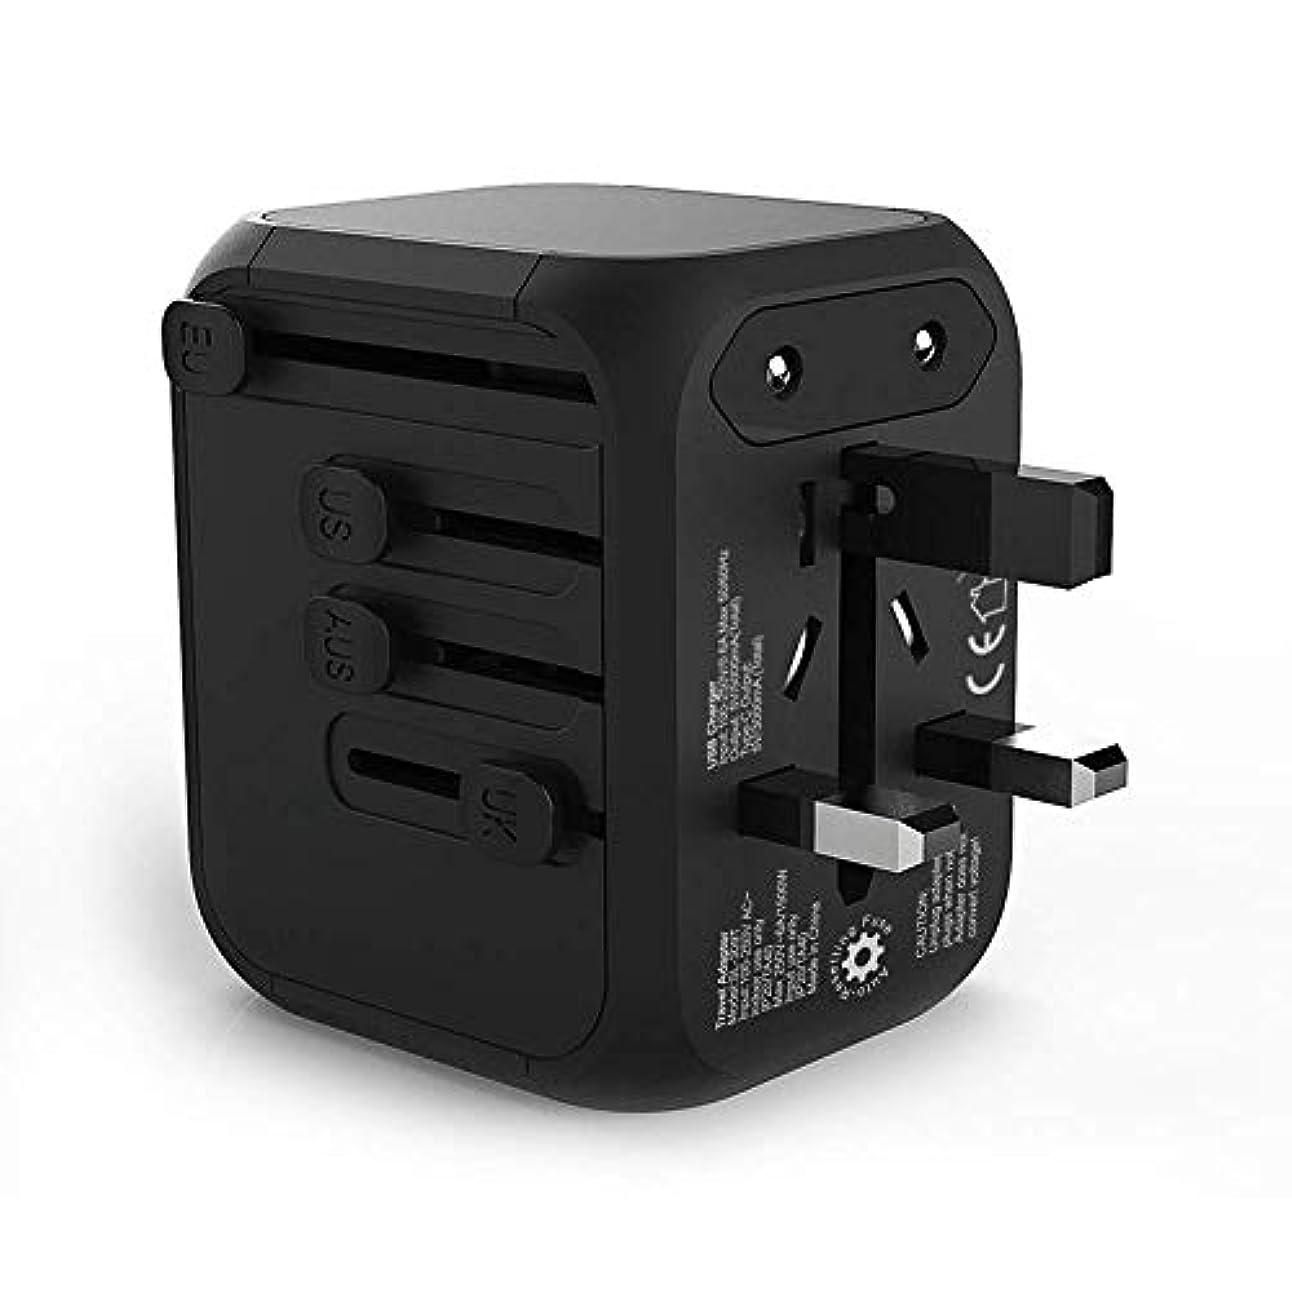 ギターランダム浮浪者USB充電器プラグ、各国用ソケット穴、ウォールチャージャー、5.0A、1Type-c、3ポートUSBプラグ充電器、iOS、iPad、タブレット、パワーバンク、ホーム、オフィス、ブラック用